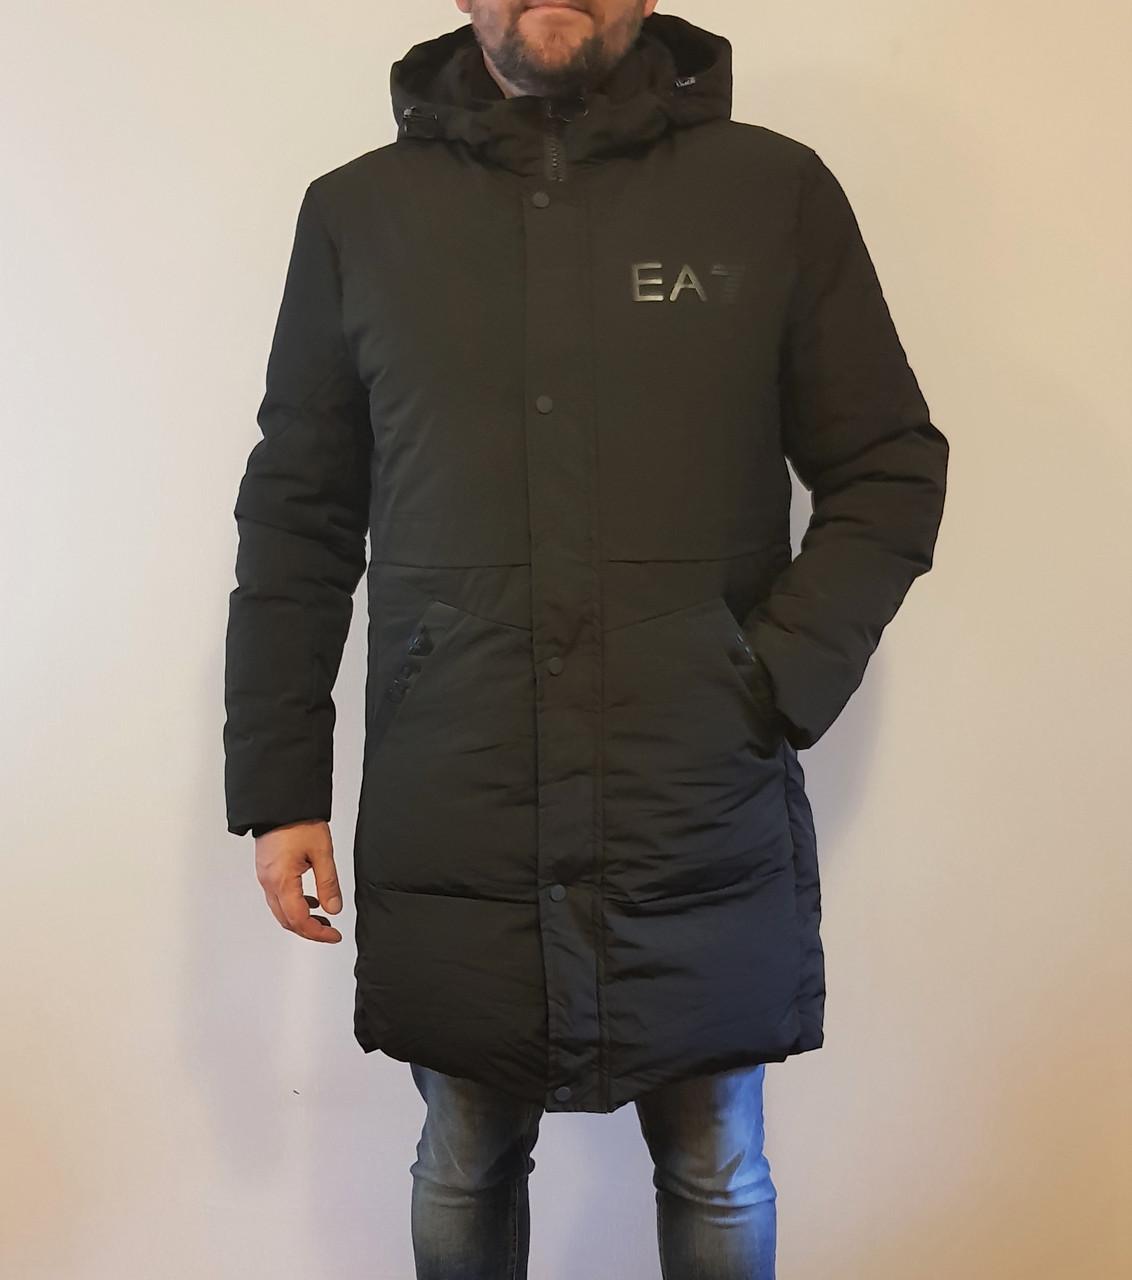 510d2a078a7b Куртка Emporio Armani EA7 - Criss Cross - мультибрендовый интернет-магазин  в Киеве